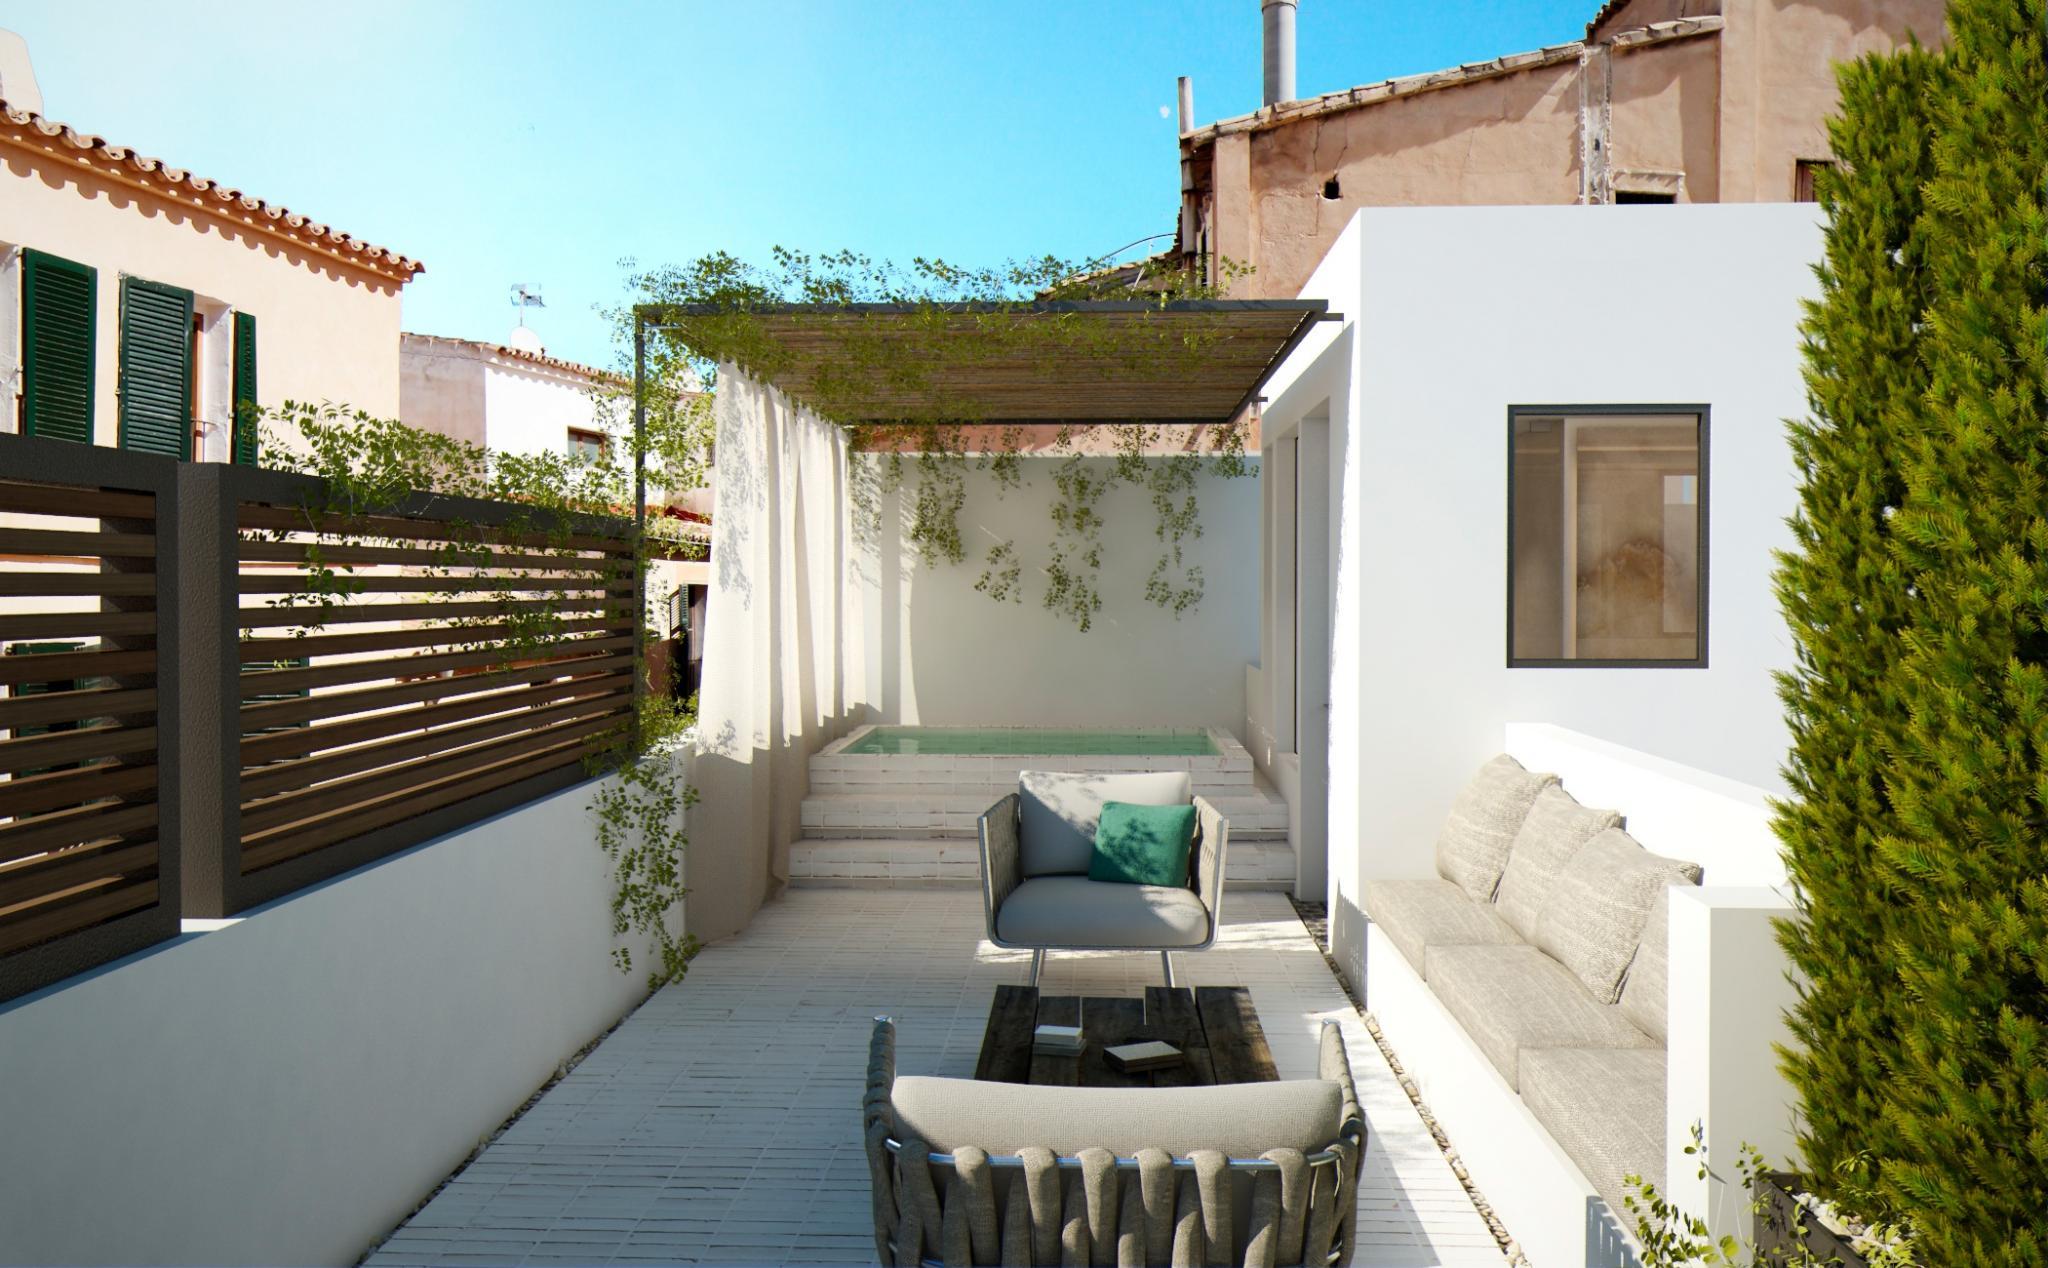 Neues Funf Sterne Hotel In Der Altstadt Von Palma Auf Mallorca